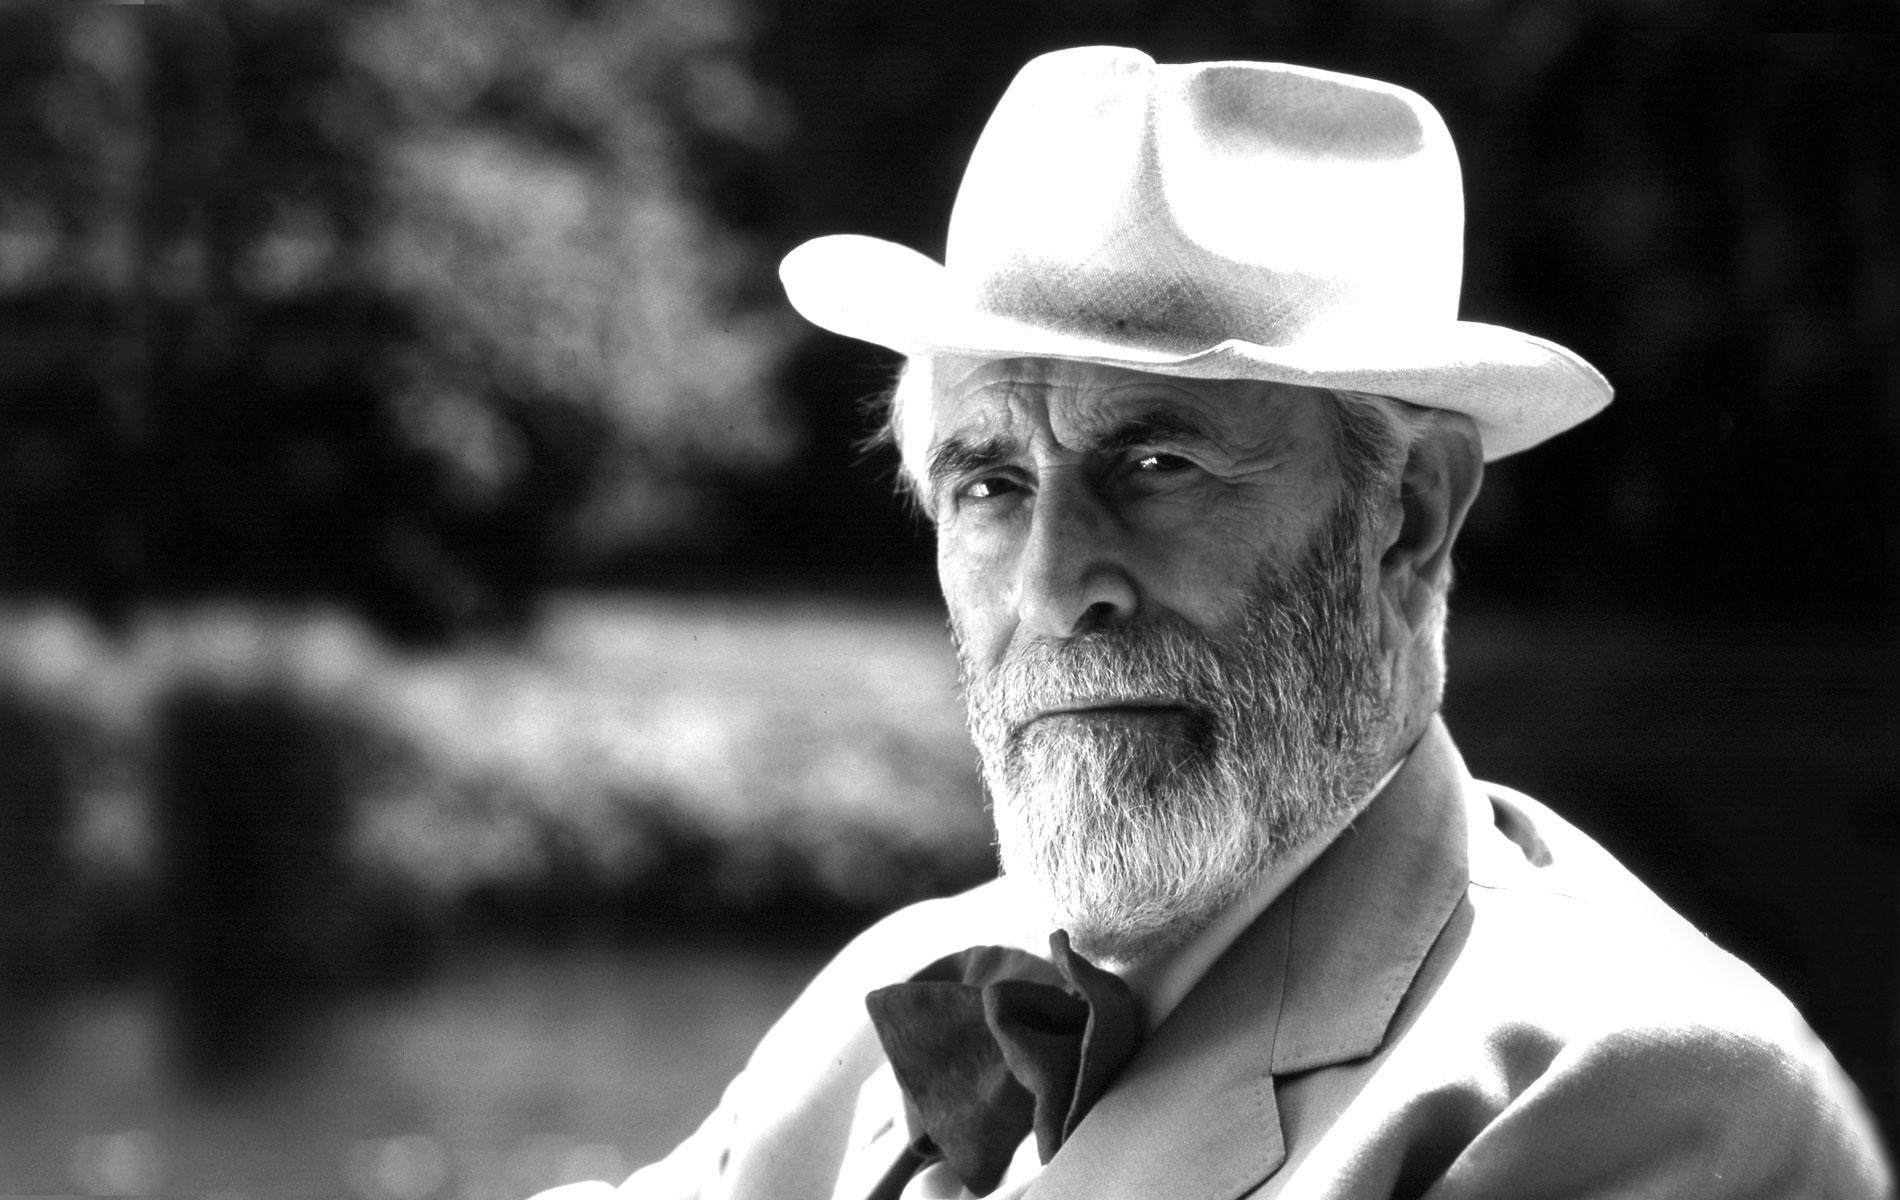 MARIO SOLDATI - Italian movie director, writer and journalist - Portraits Exhibition - © Graziano Villa